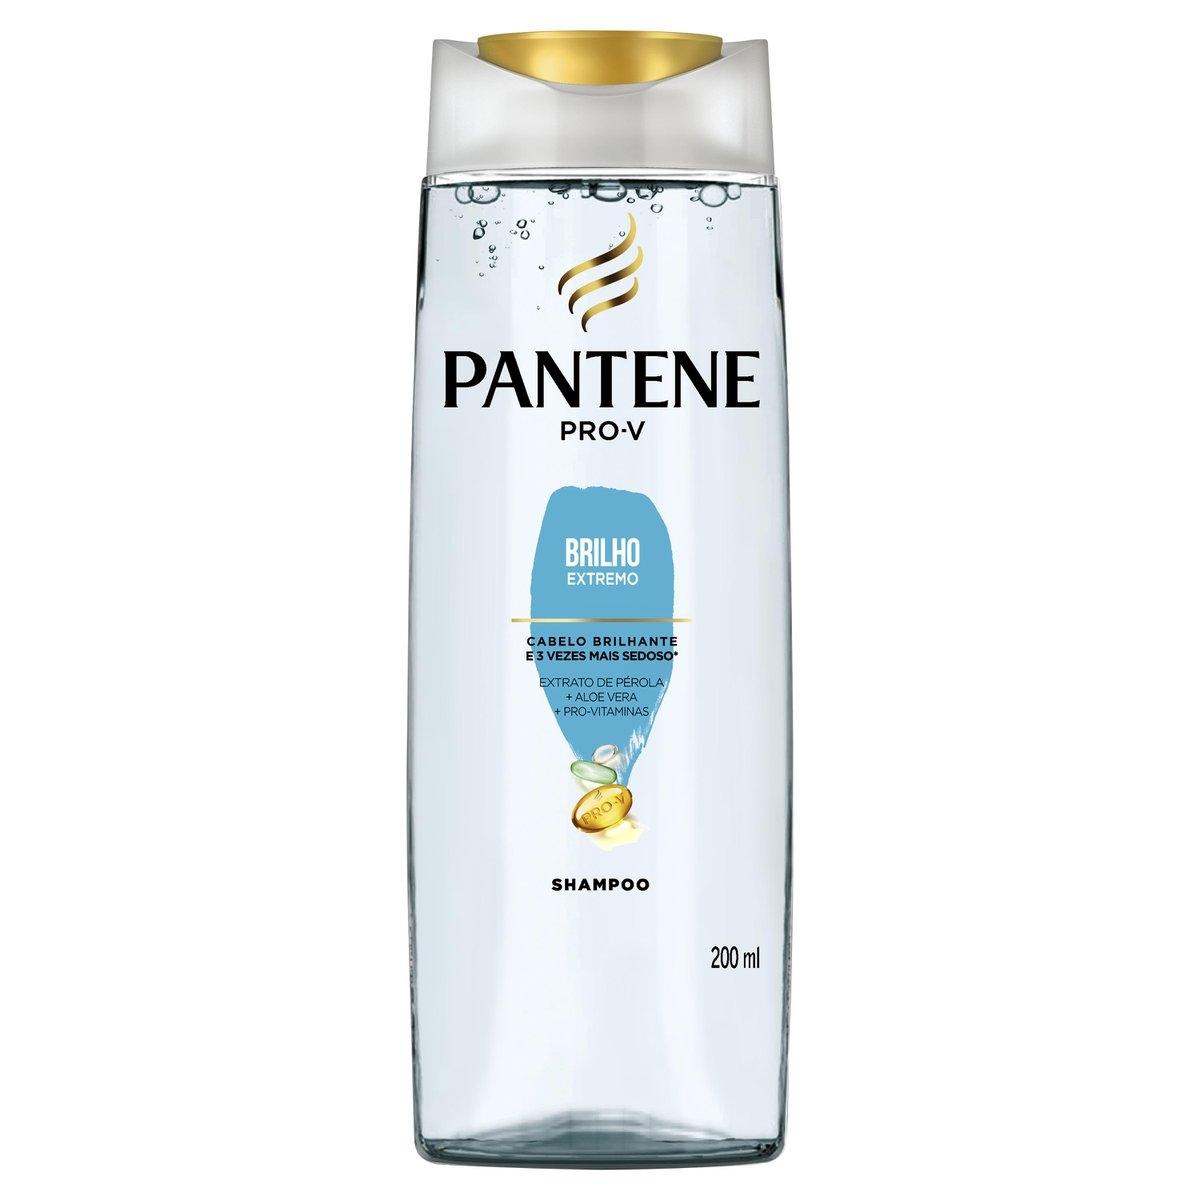 Shampoo Pantene Brilho Extremo com 200ml 200ml